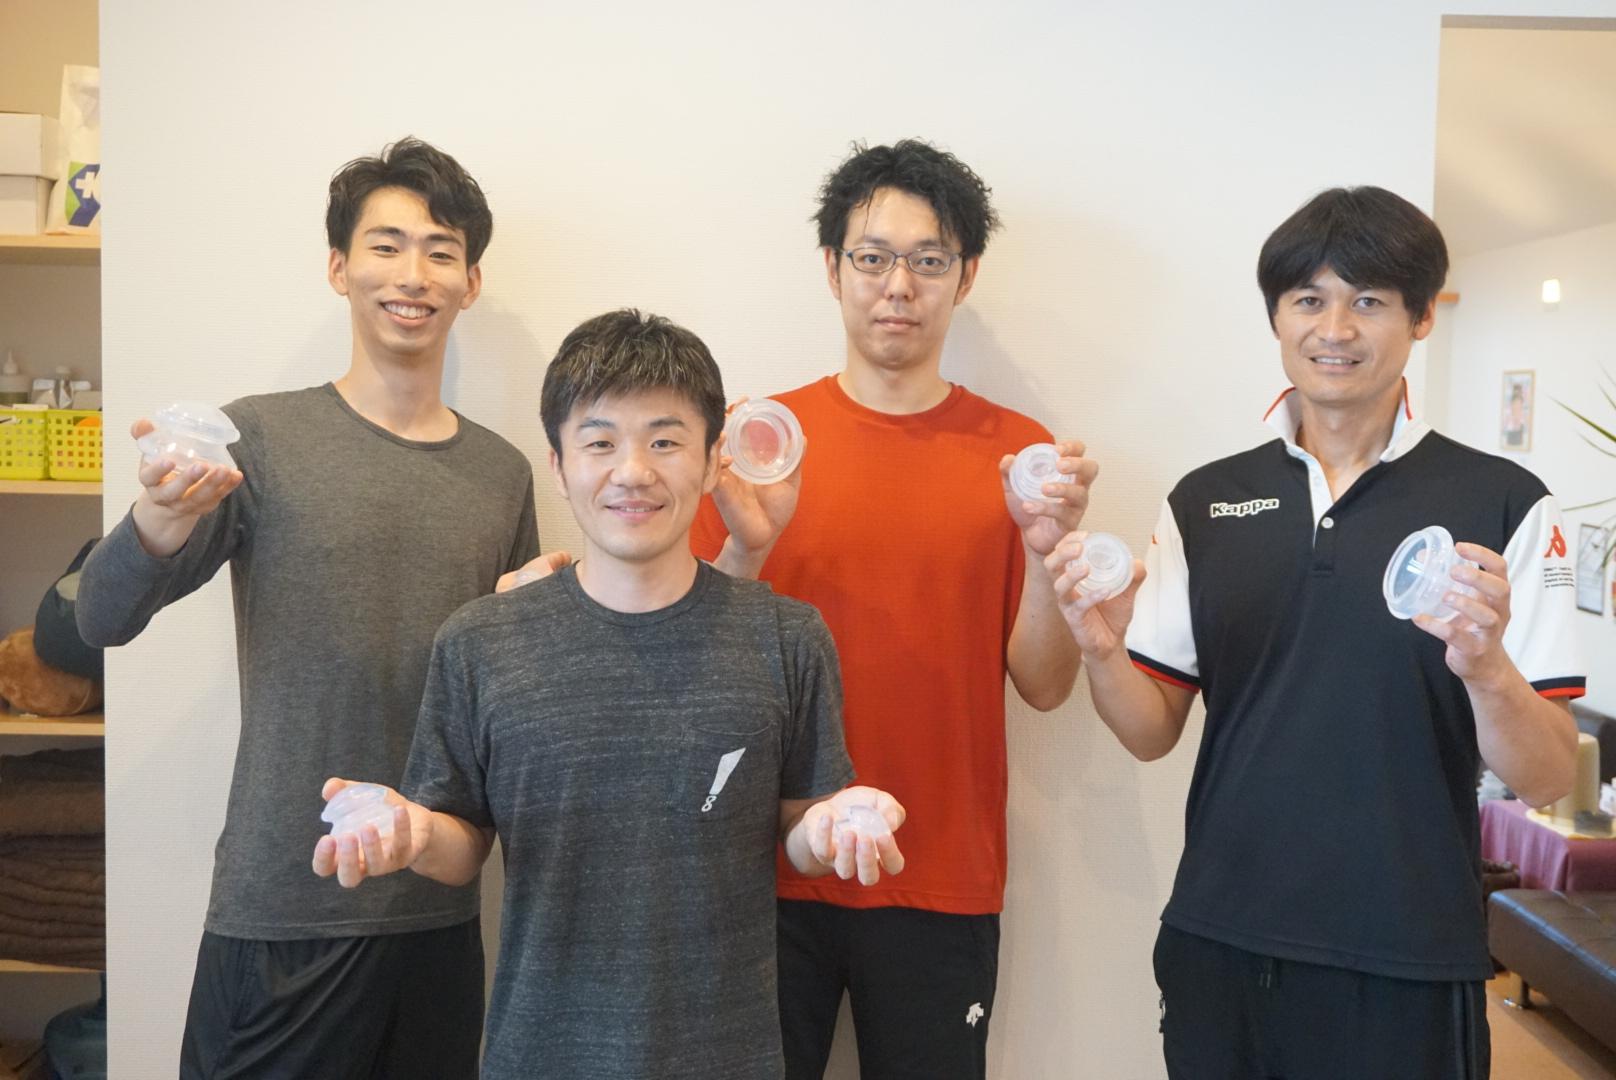 【10名限定】6月2日(土)北海道FCMベーシックセミナー|セミナー画像gasa.or.jp